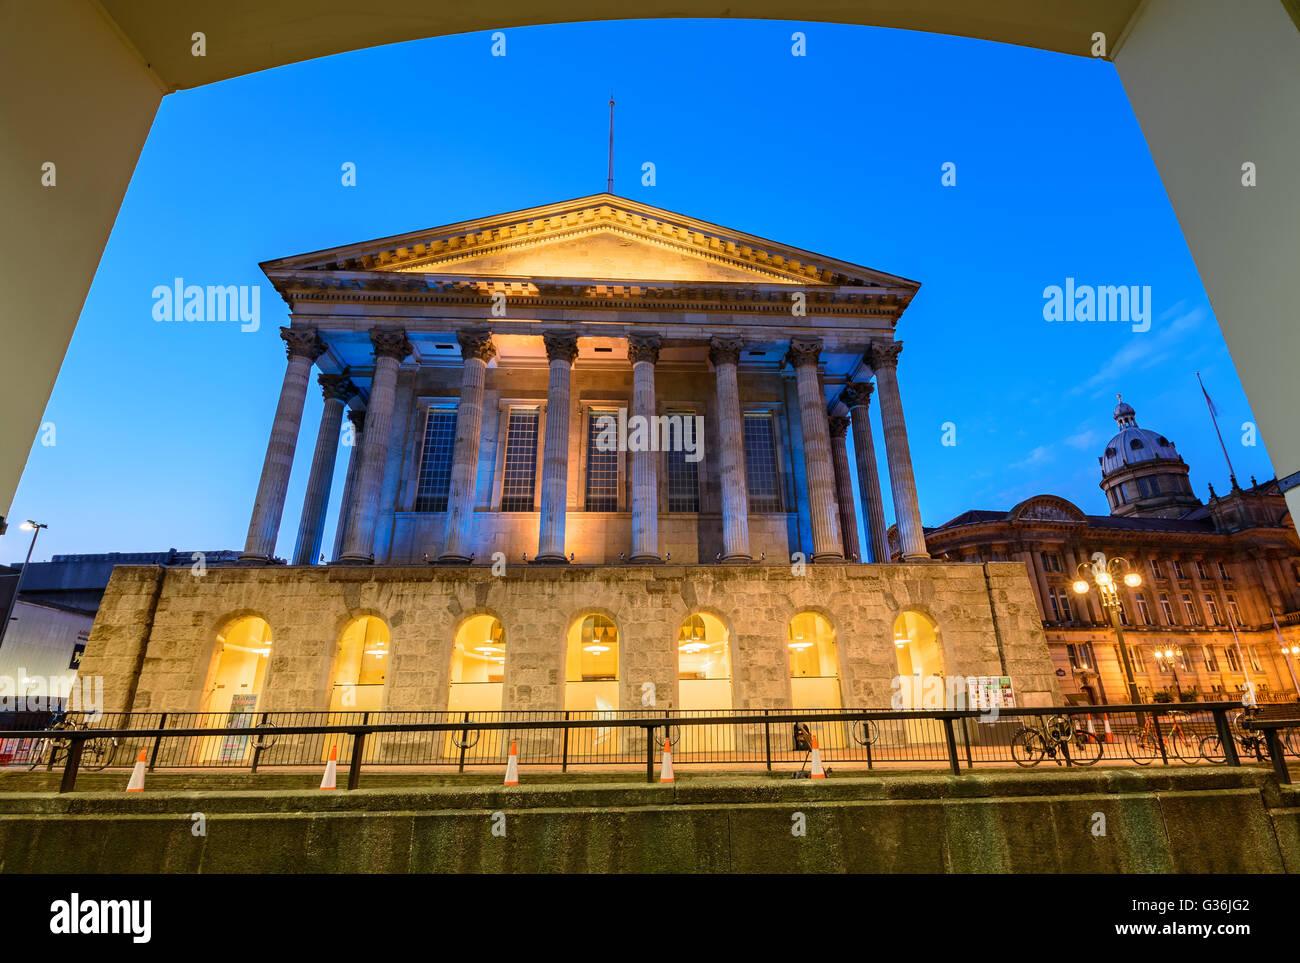 Ayuntamiento de Birmingham está situado en la plaza de la victoria, Birmingham, Inglaterra. Imagen De Stock